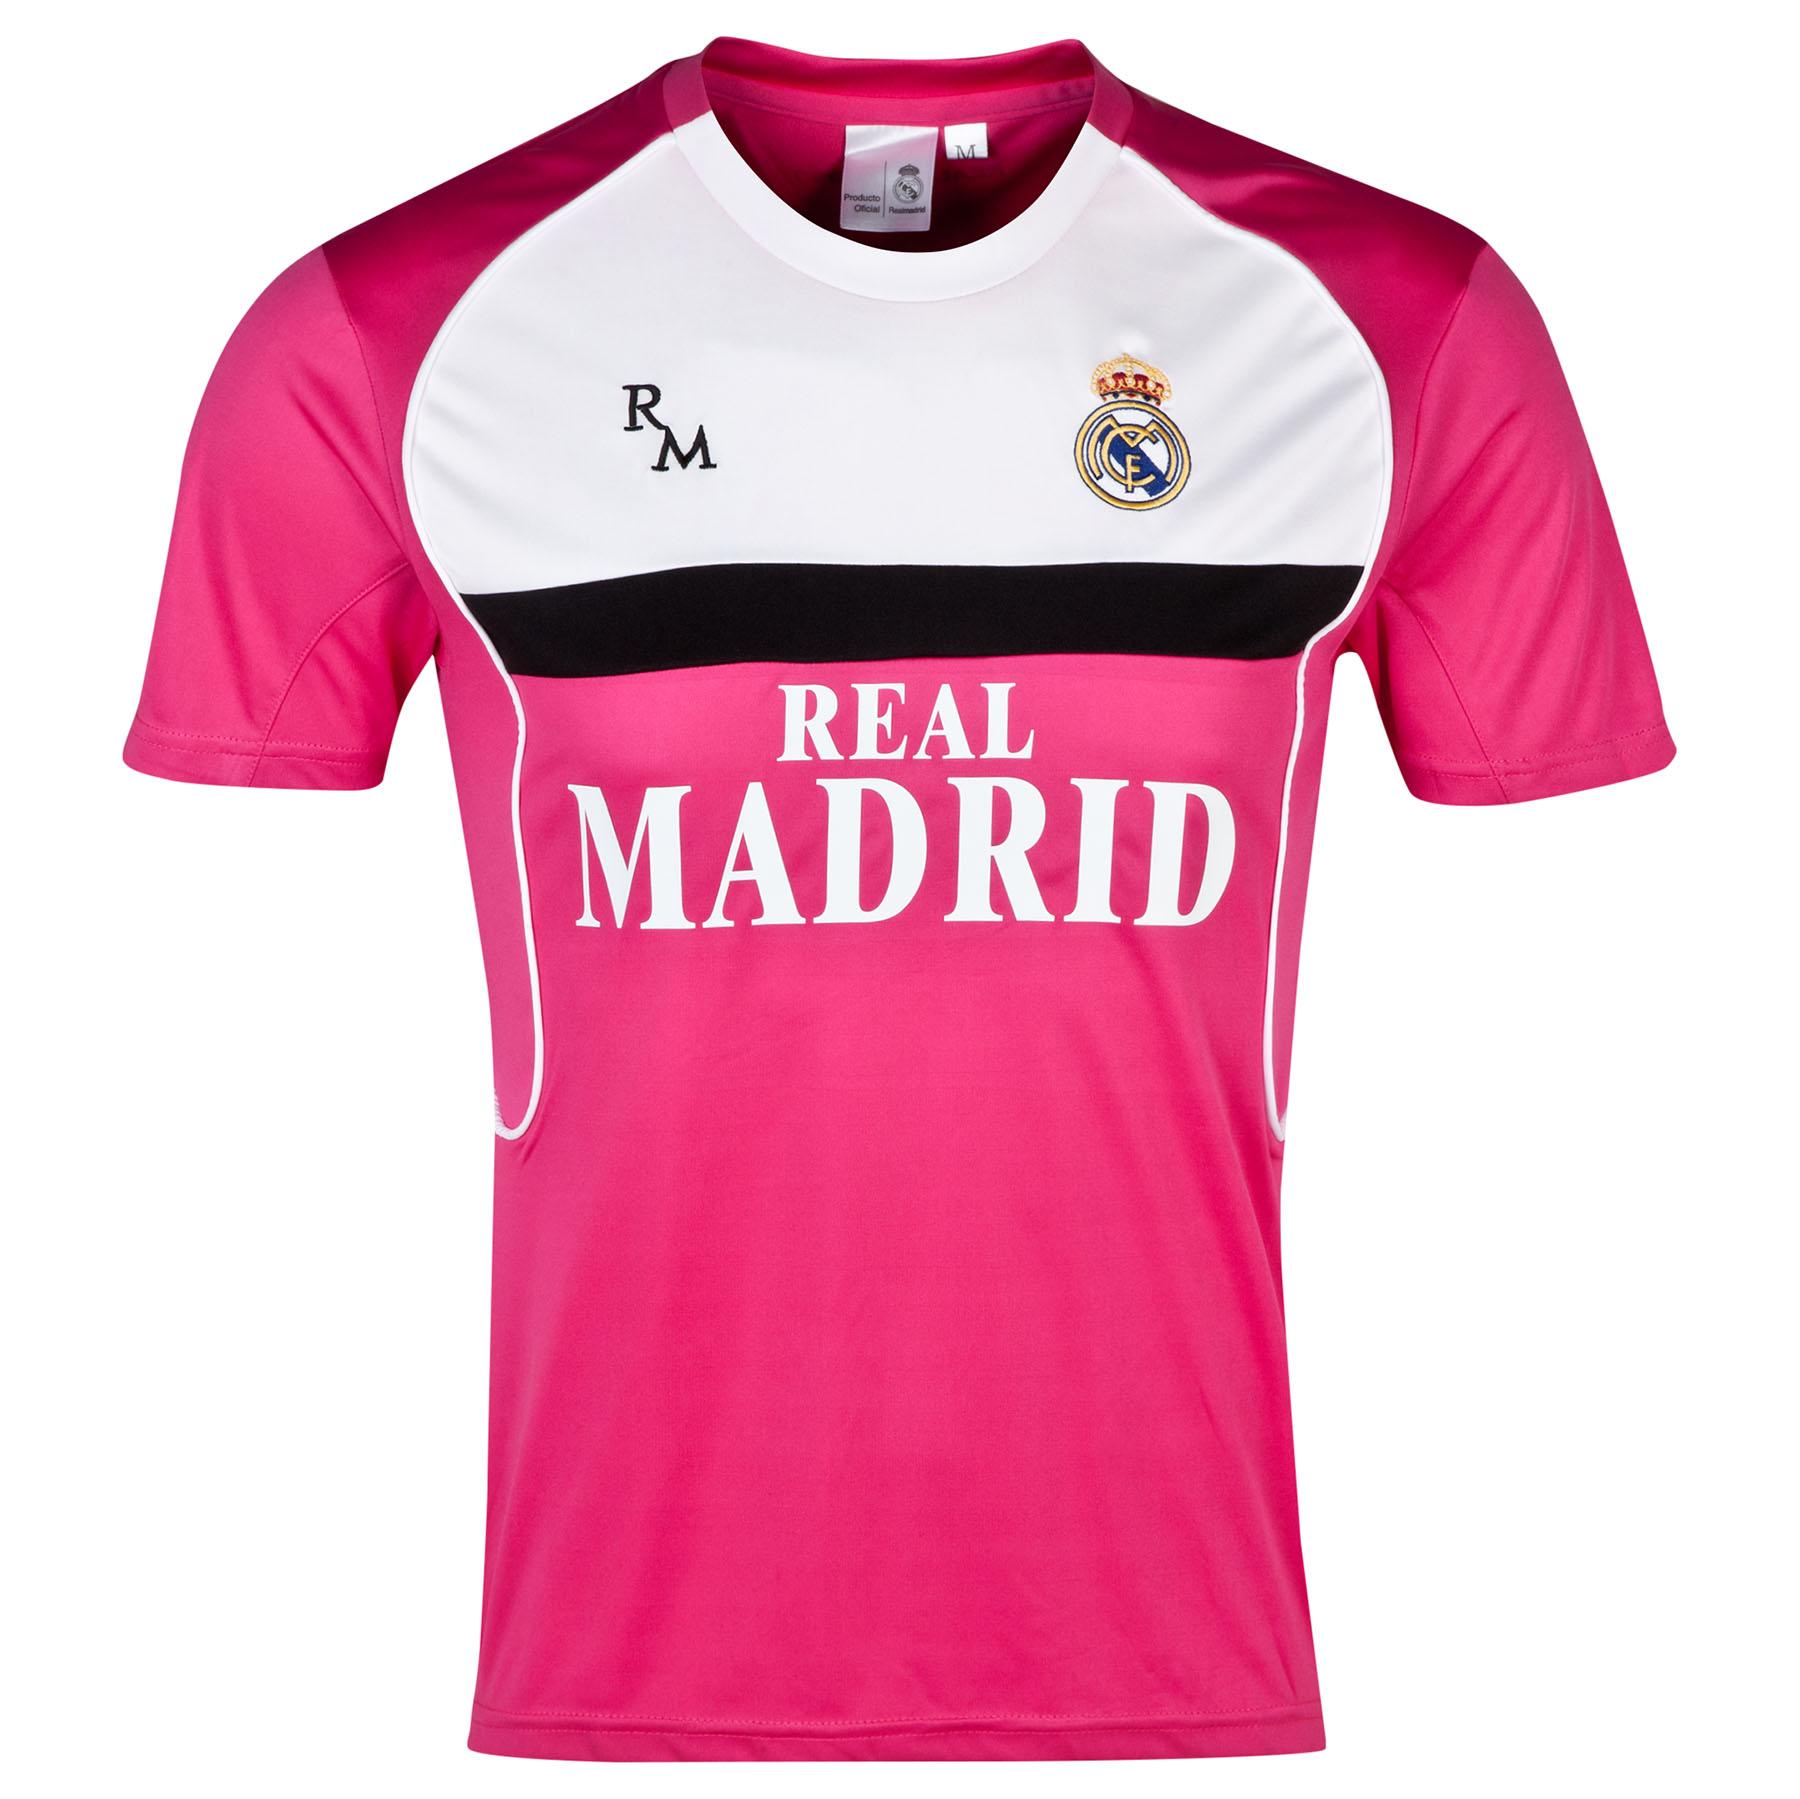 Camiseta para hombre Real Madrid - Rosa